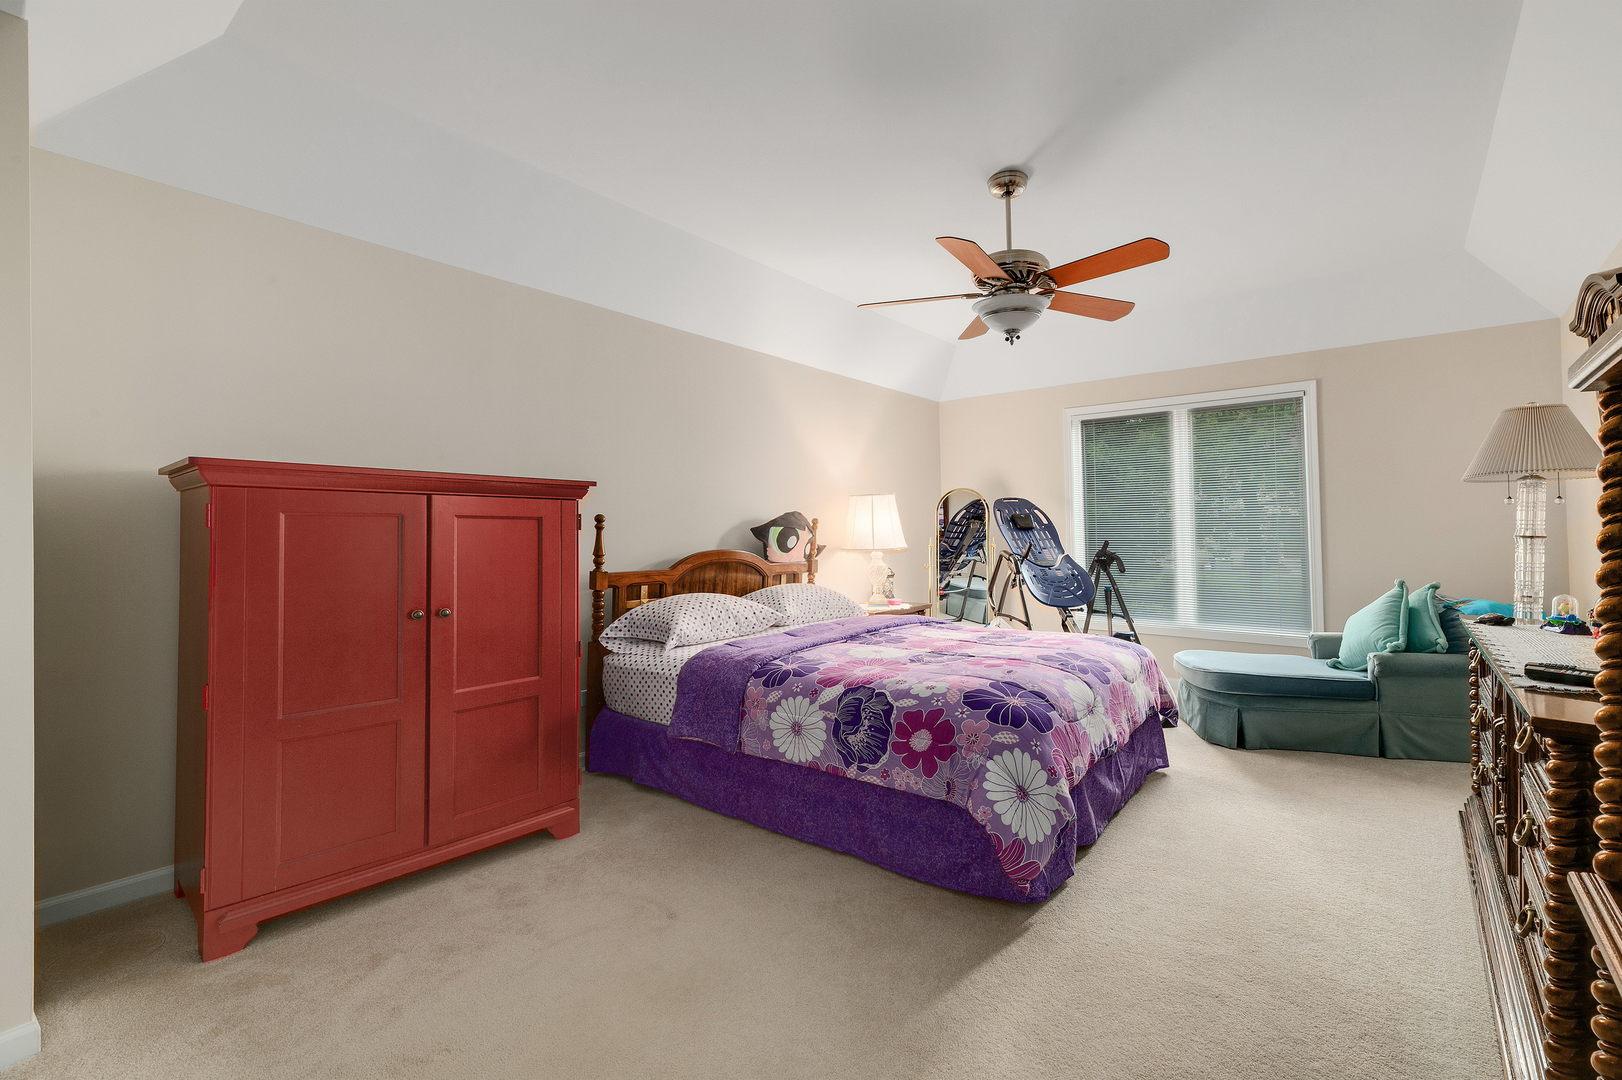 , Willow Springs, Illinois, 60480